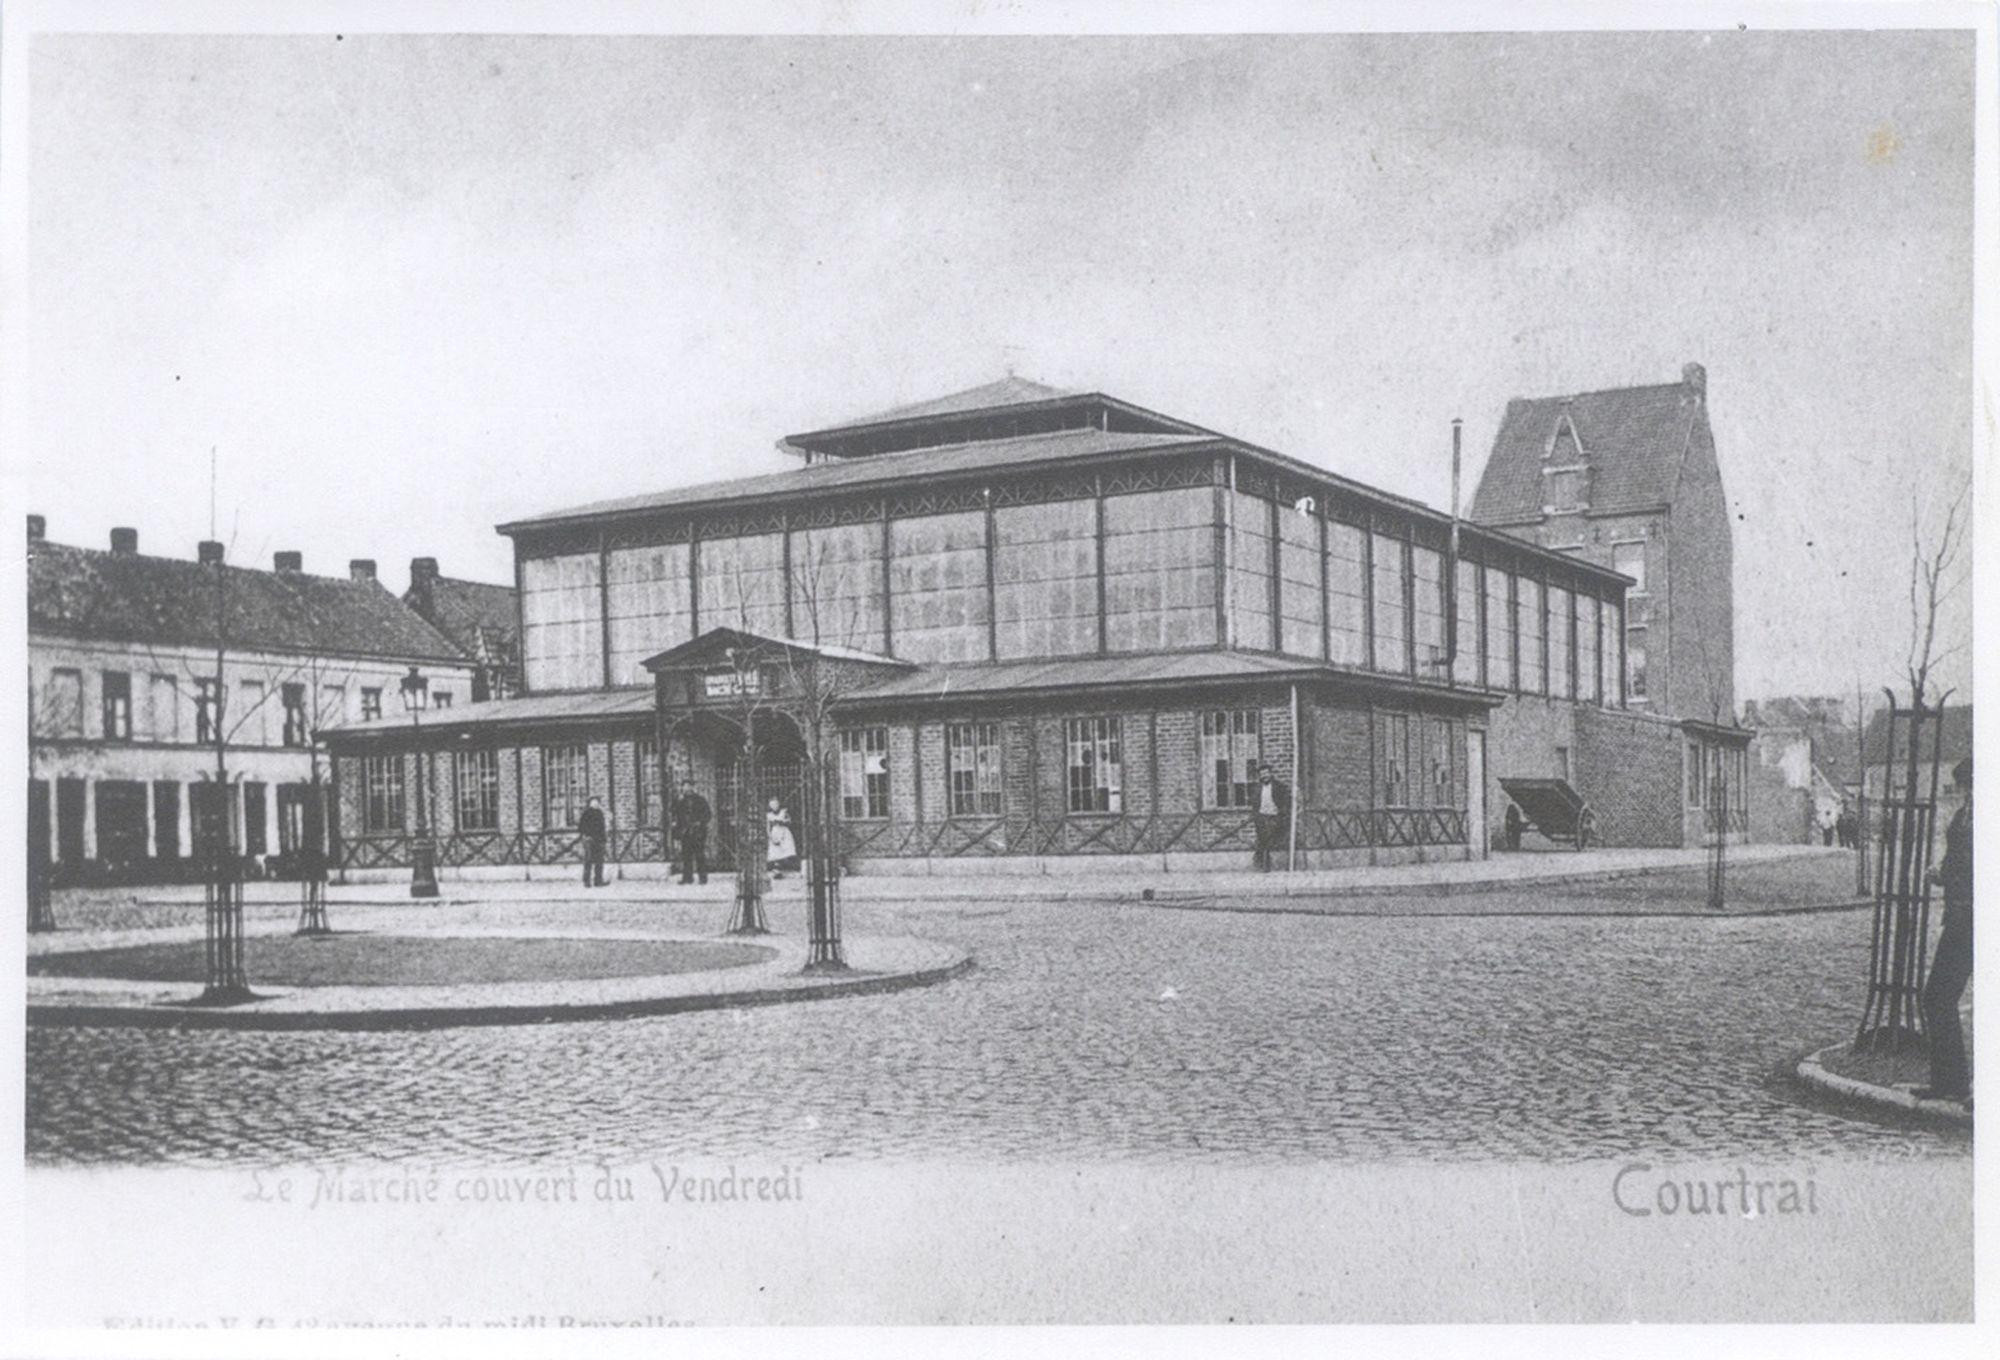 De overdekte markt op het Sint-Amandsplein